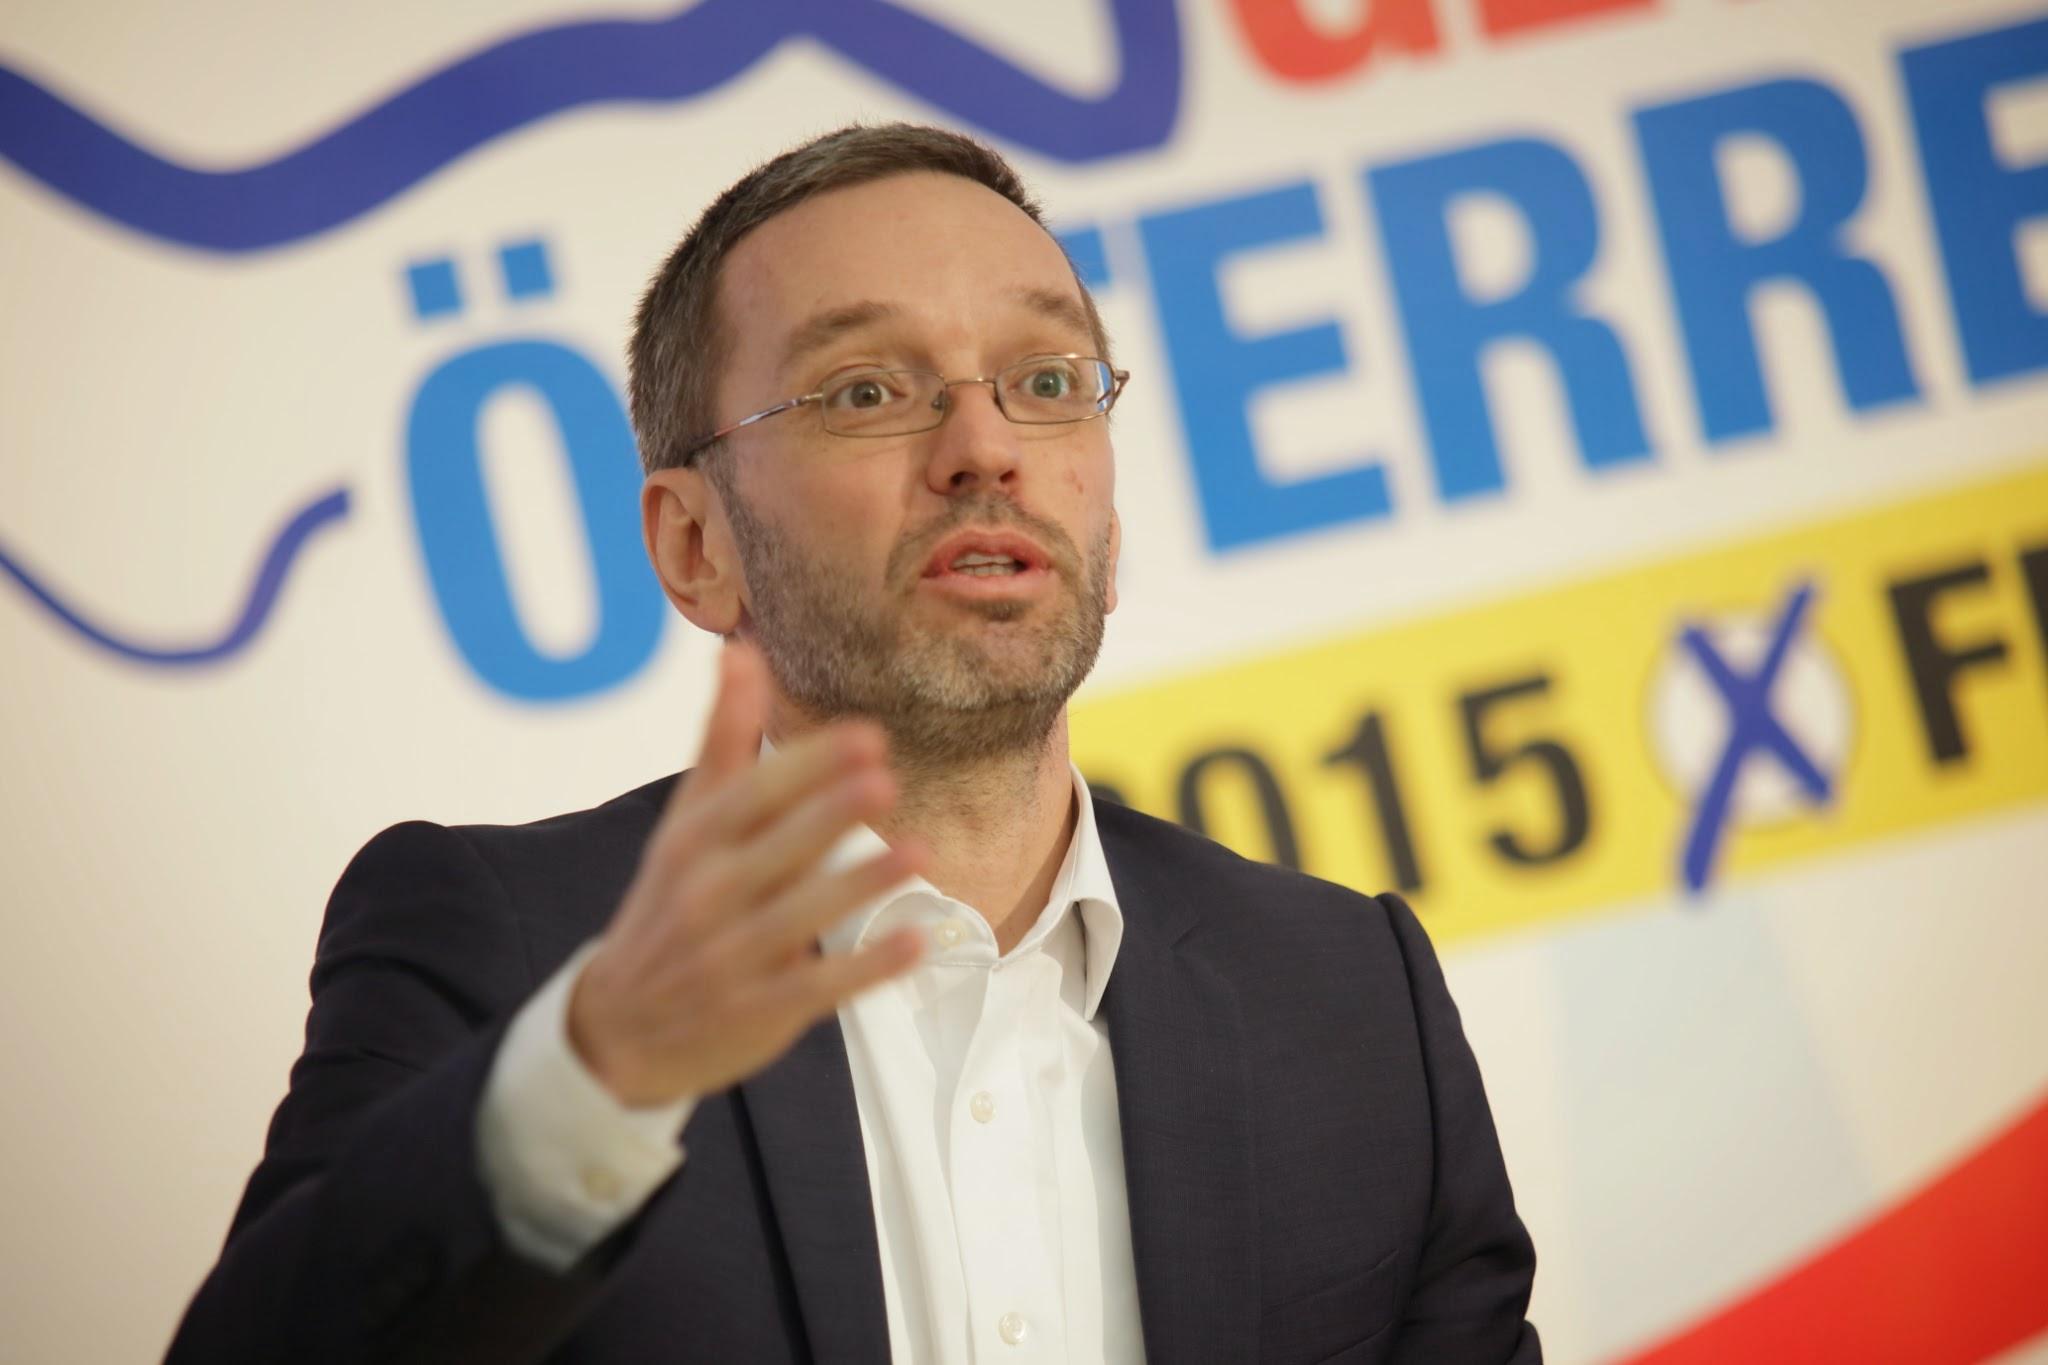 Orf Pressestunden Kickl Norbert Hofer Hängt Auch Bei Den